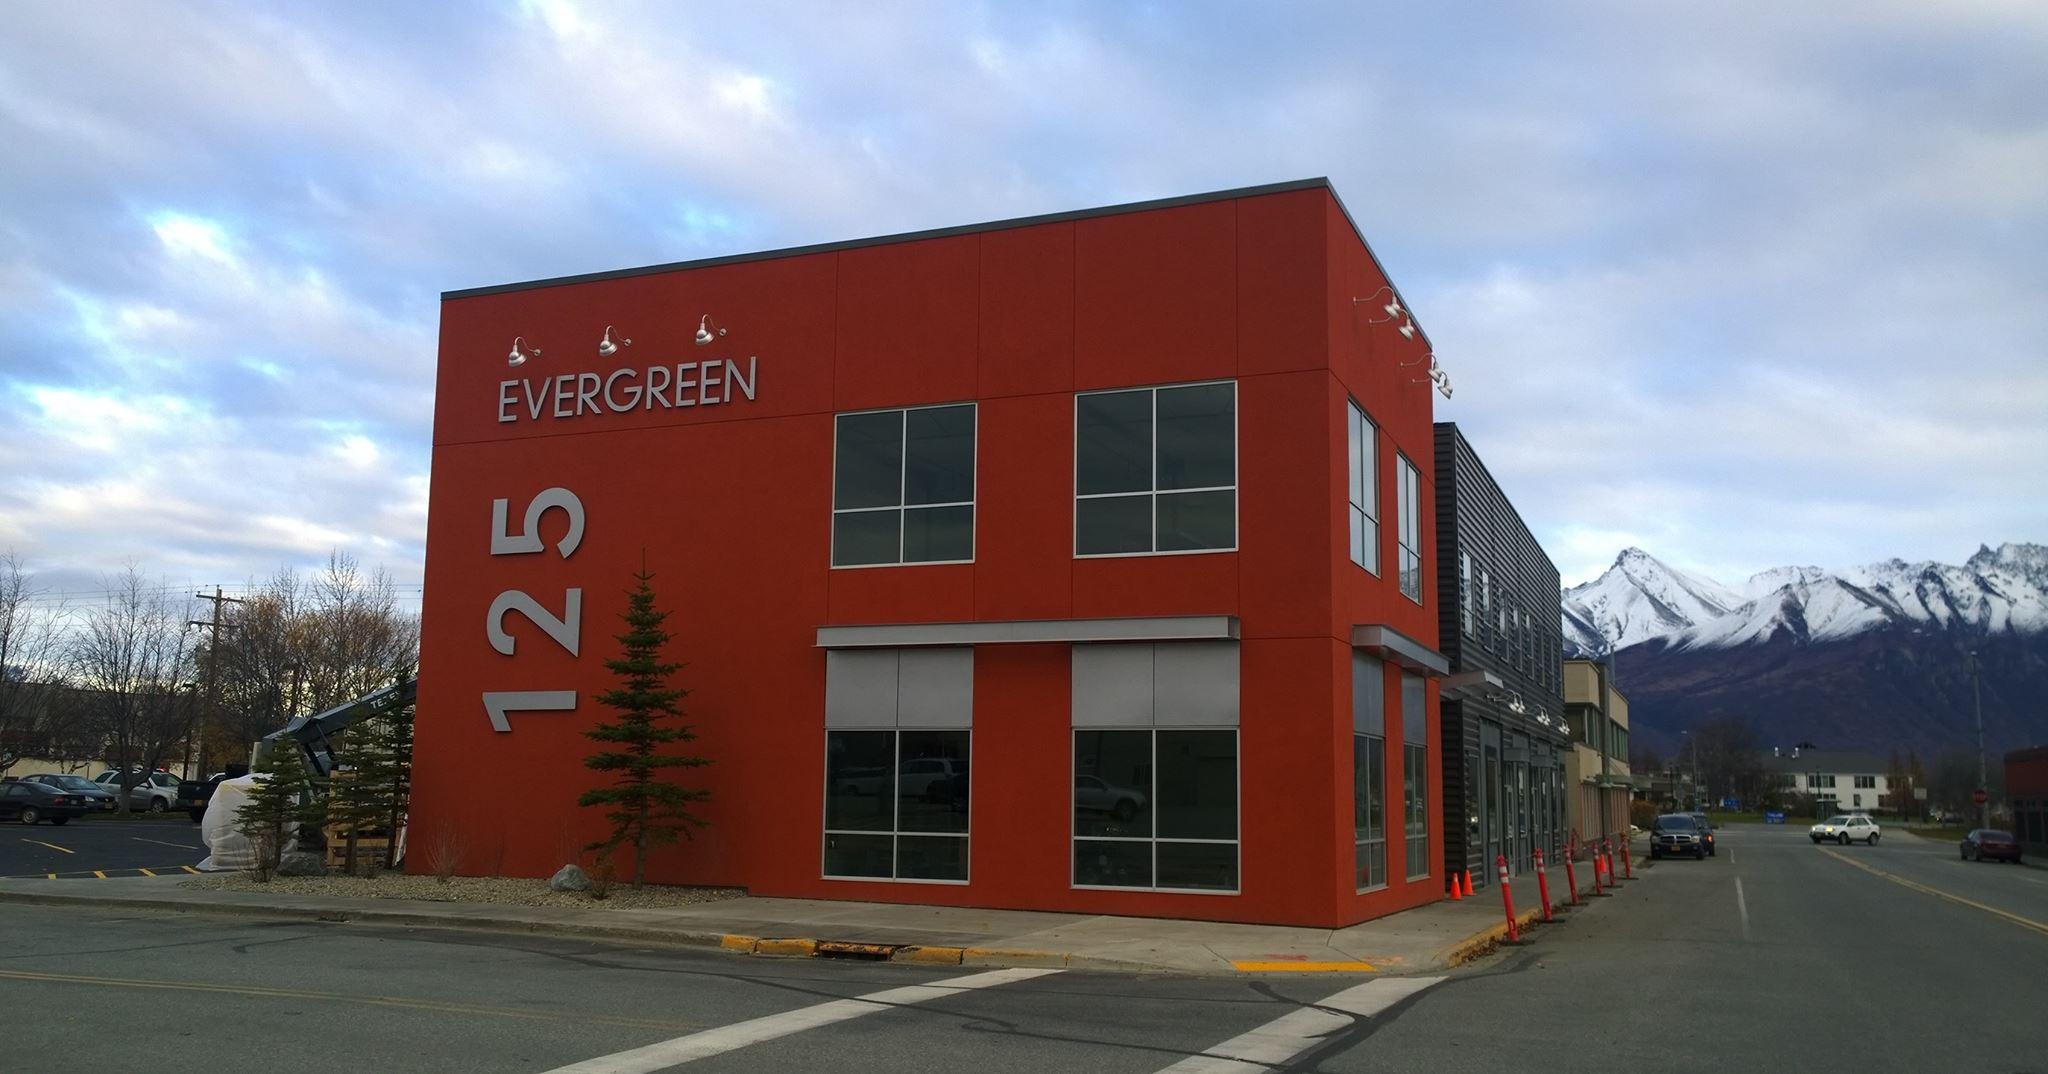 evergreen1.jpg